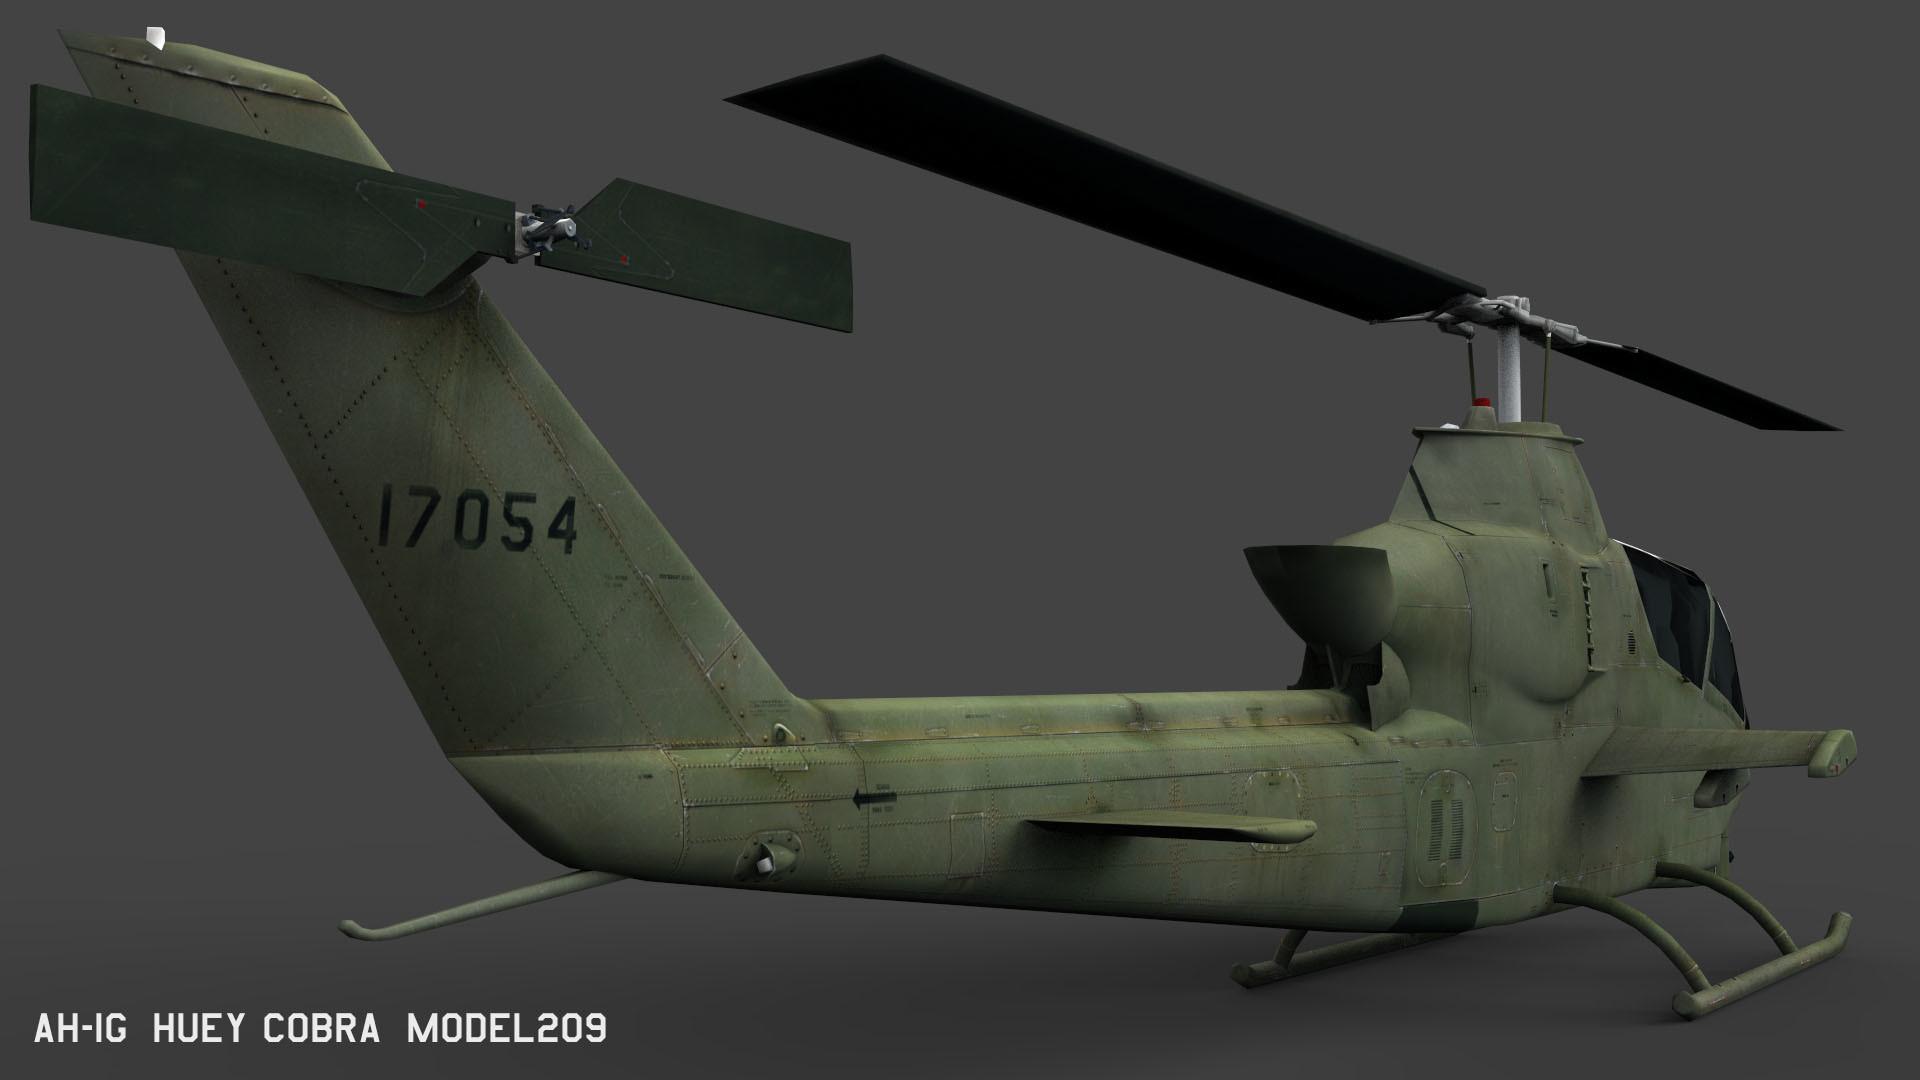 Dzmitry ivanou ah 1g hueycobra model209 04